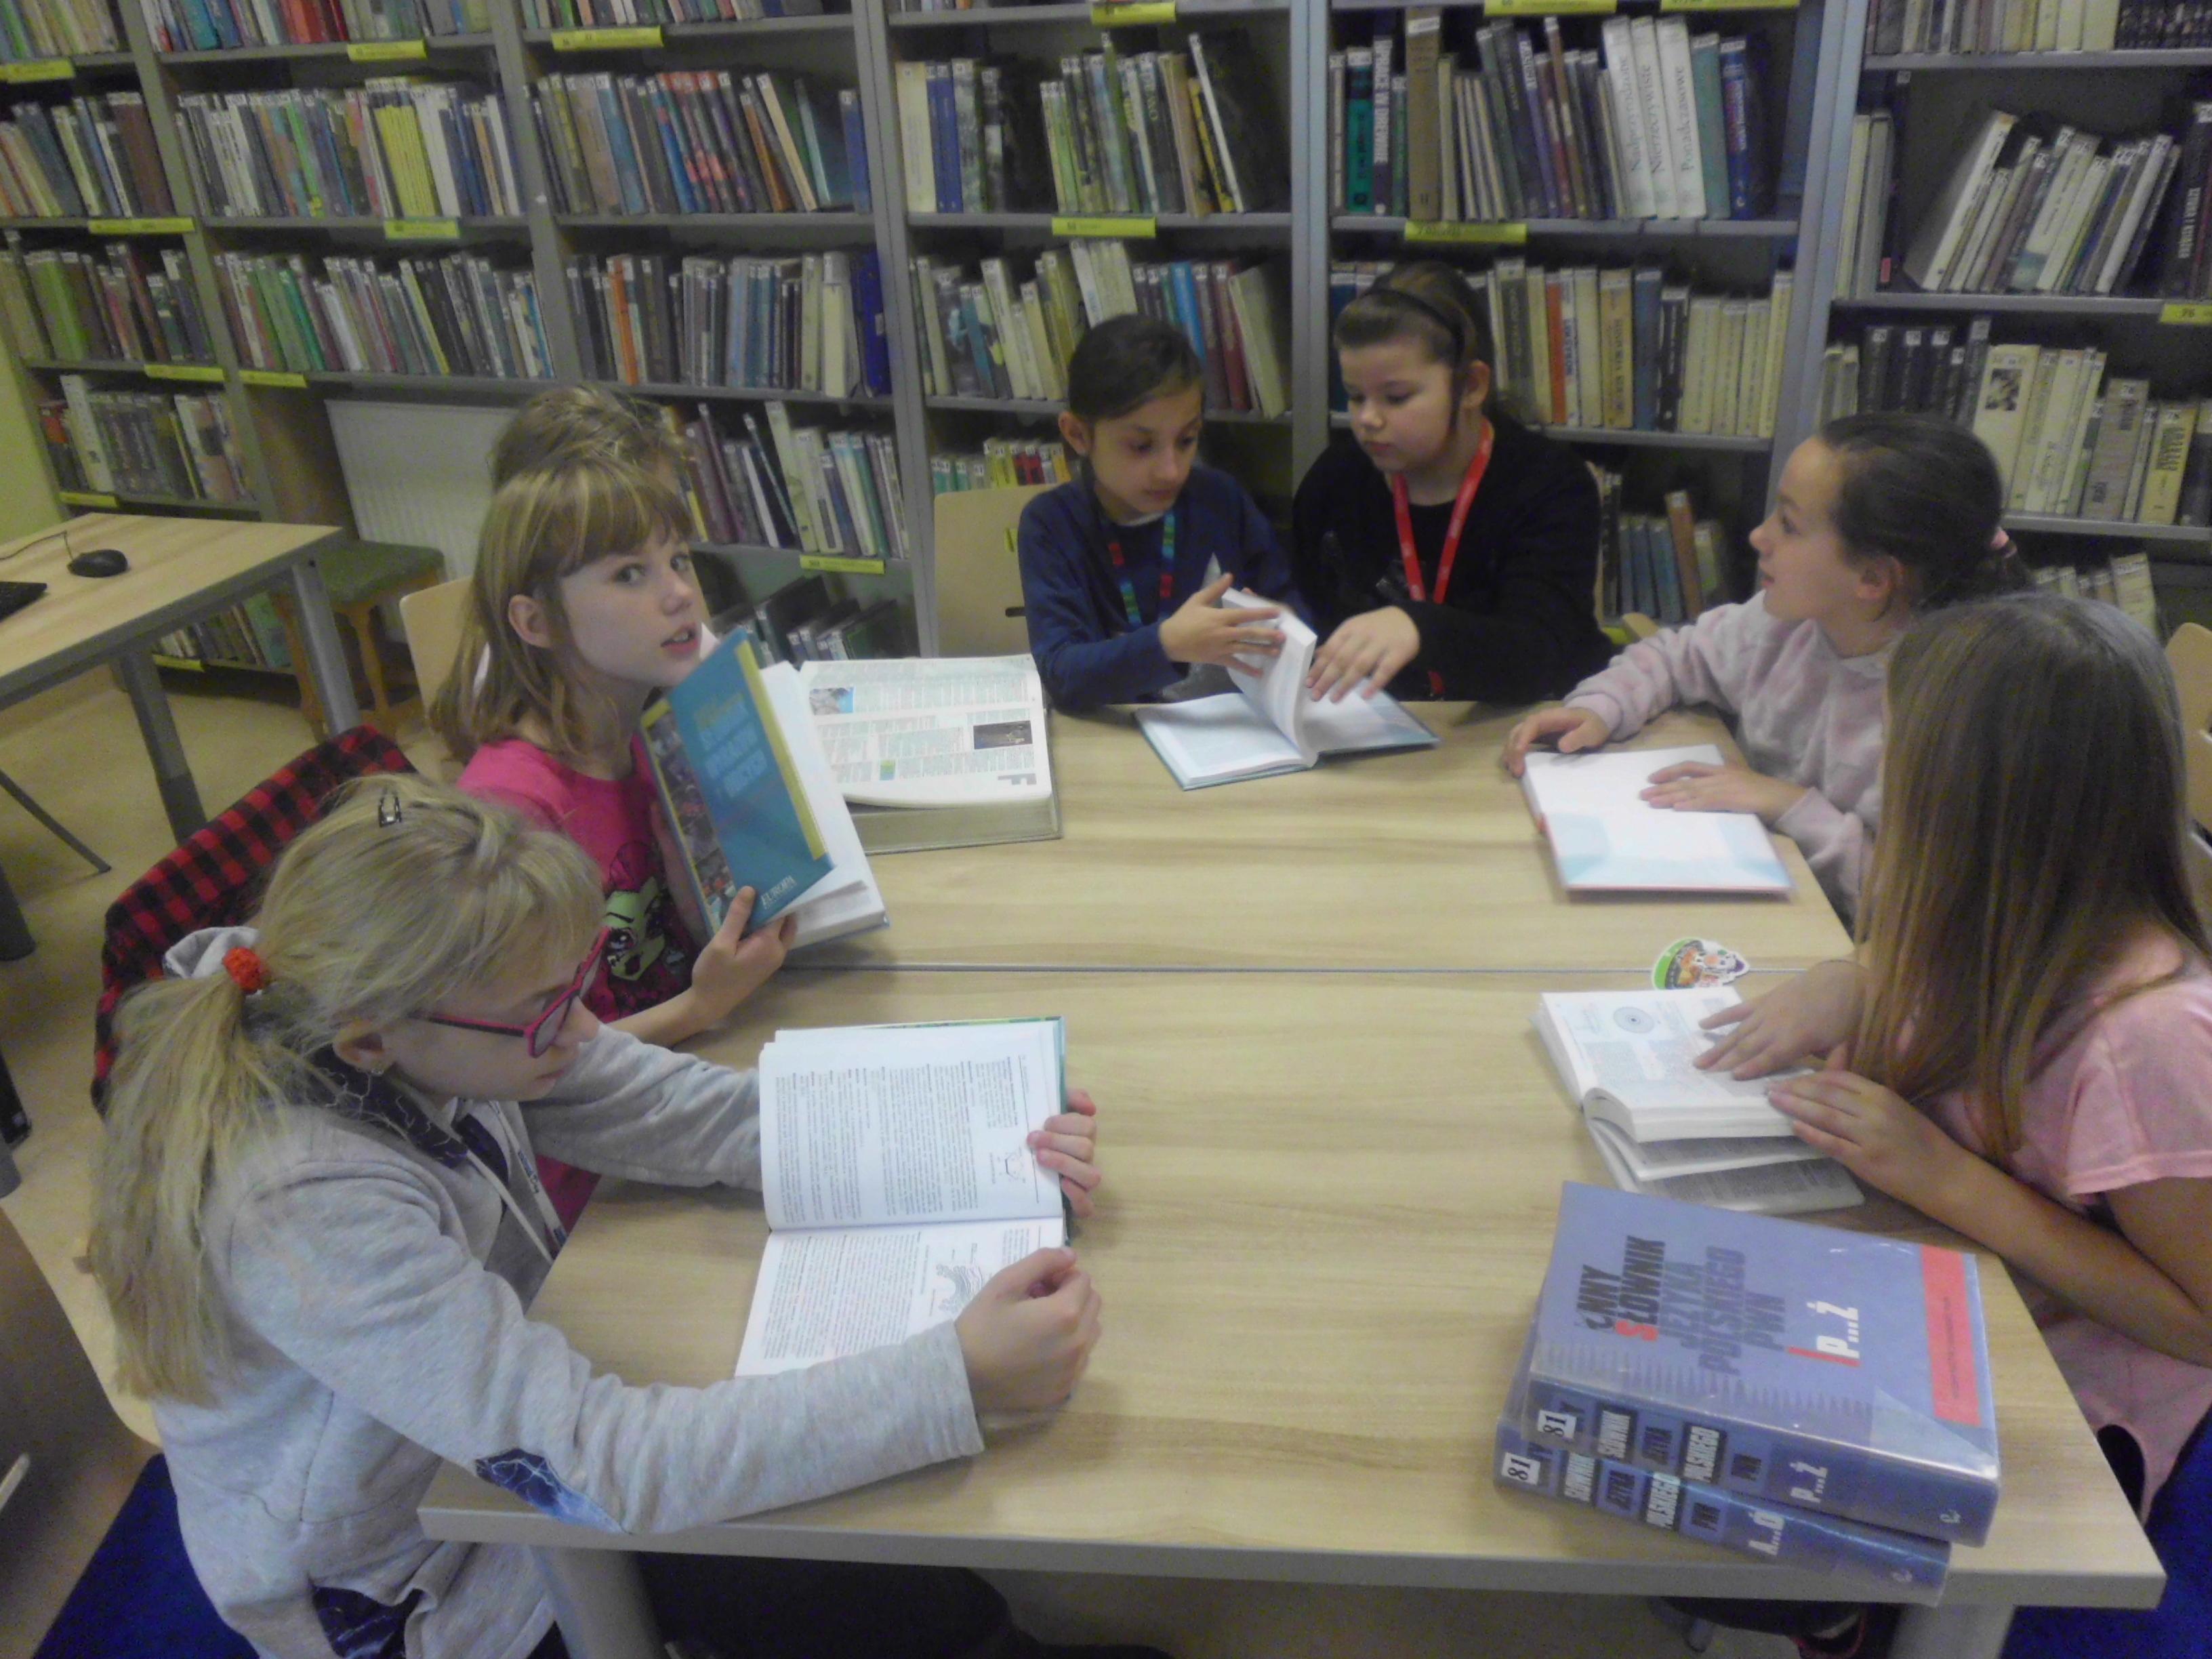 Poszukiwanie informacji w bibliotece